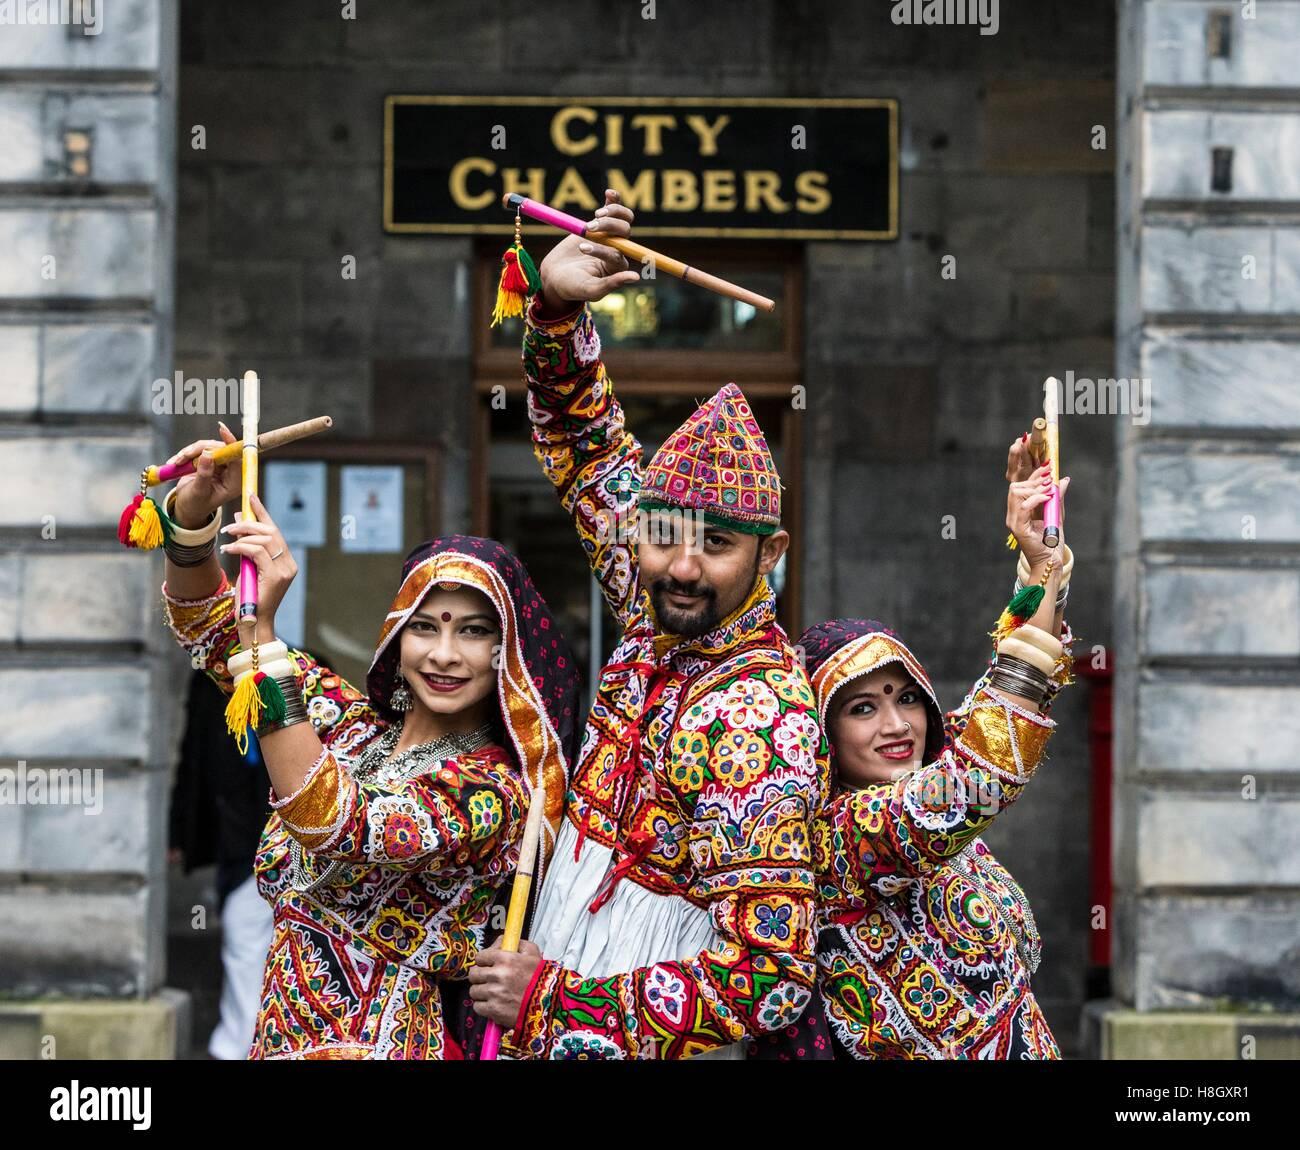 Edimburgo, Reino Unido. 13 Nov, 2016. El Edinburgh Diwali celebración culmina en una procesión desde la Imagen De Stock